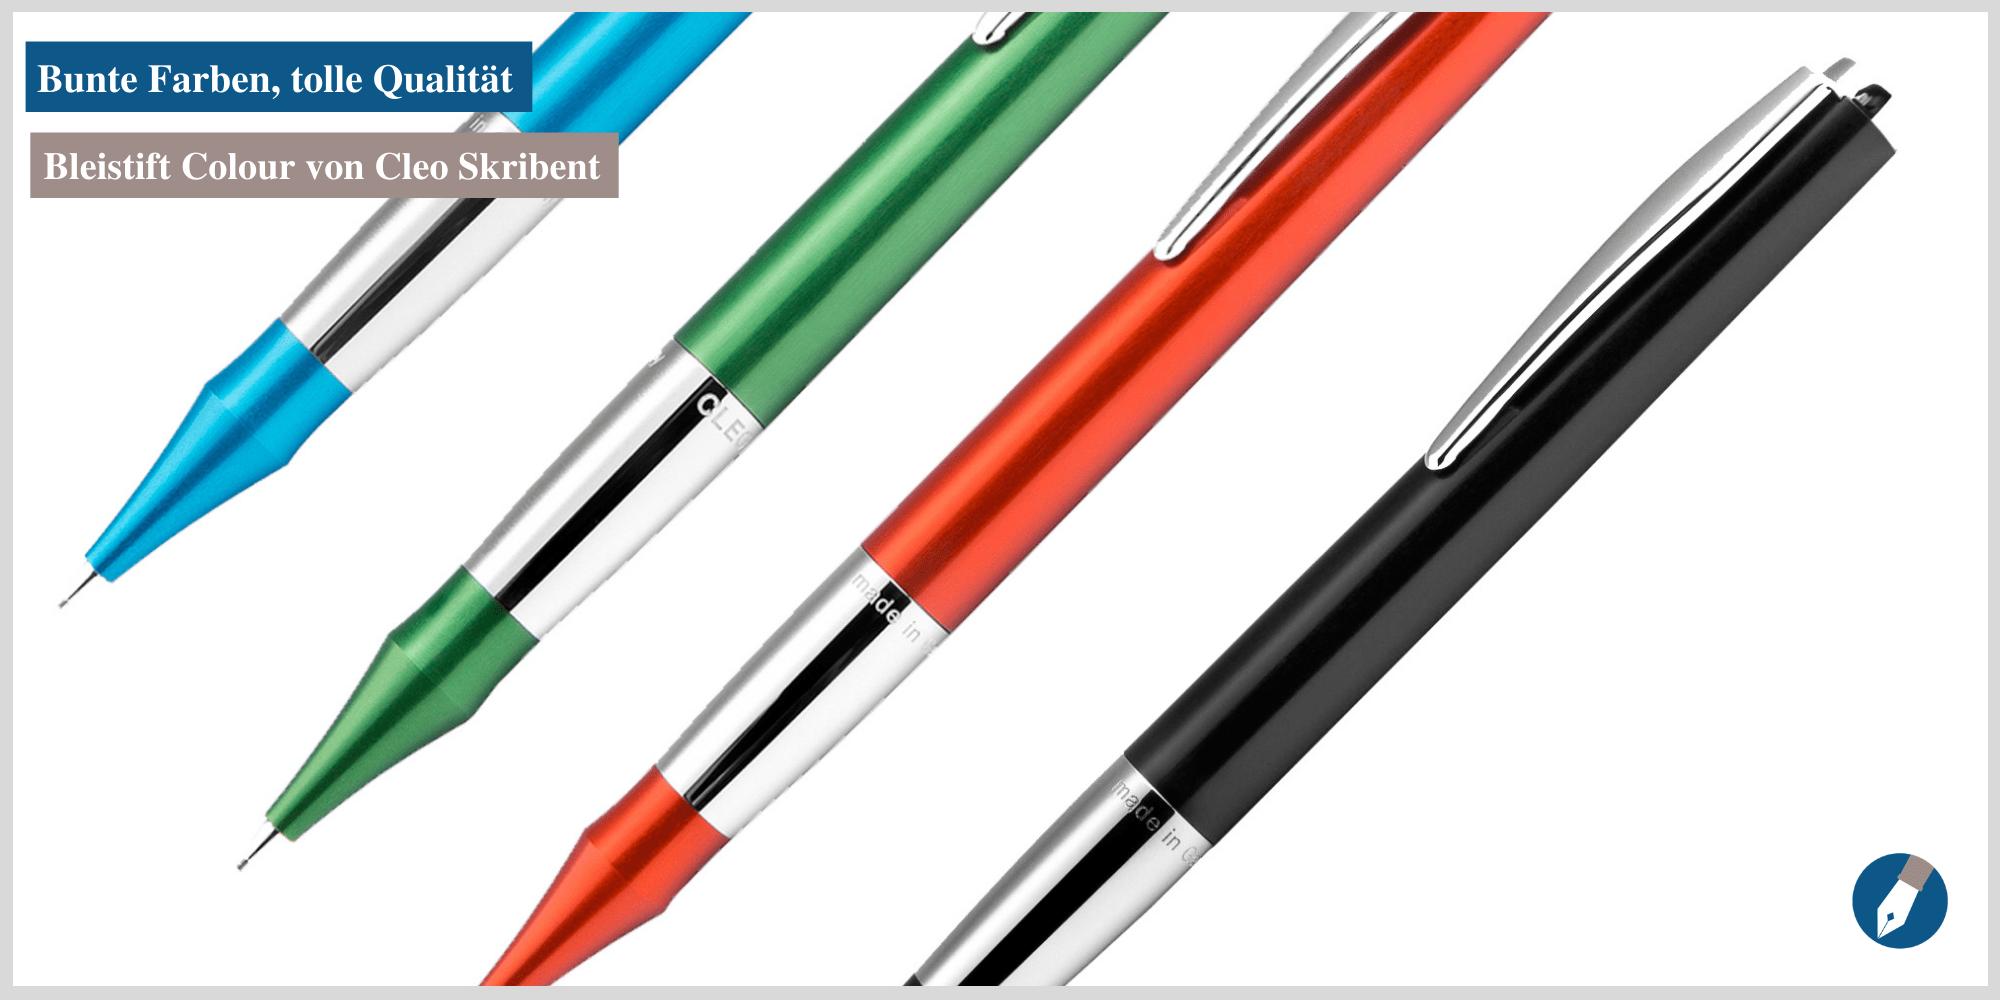 Nun online kaufbar: Der Colour-Bleistift von Cleo Skribent.